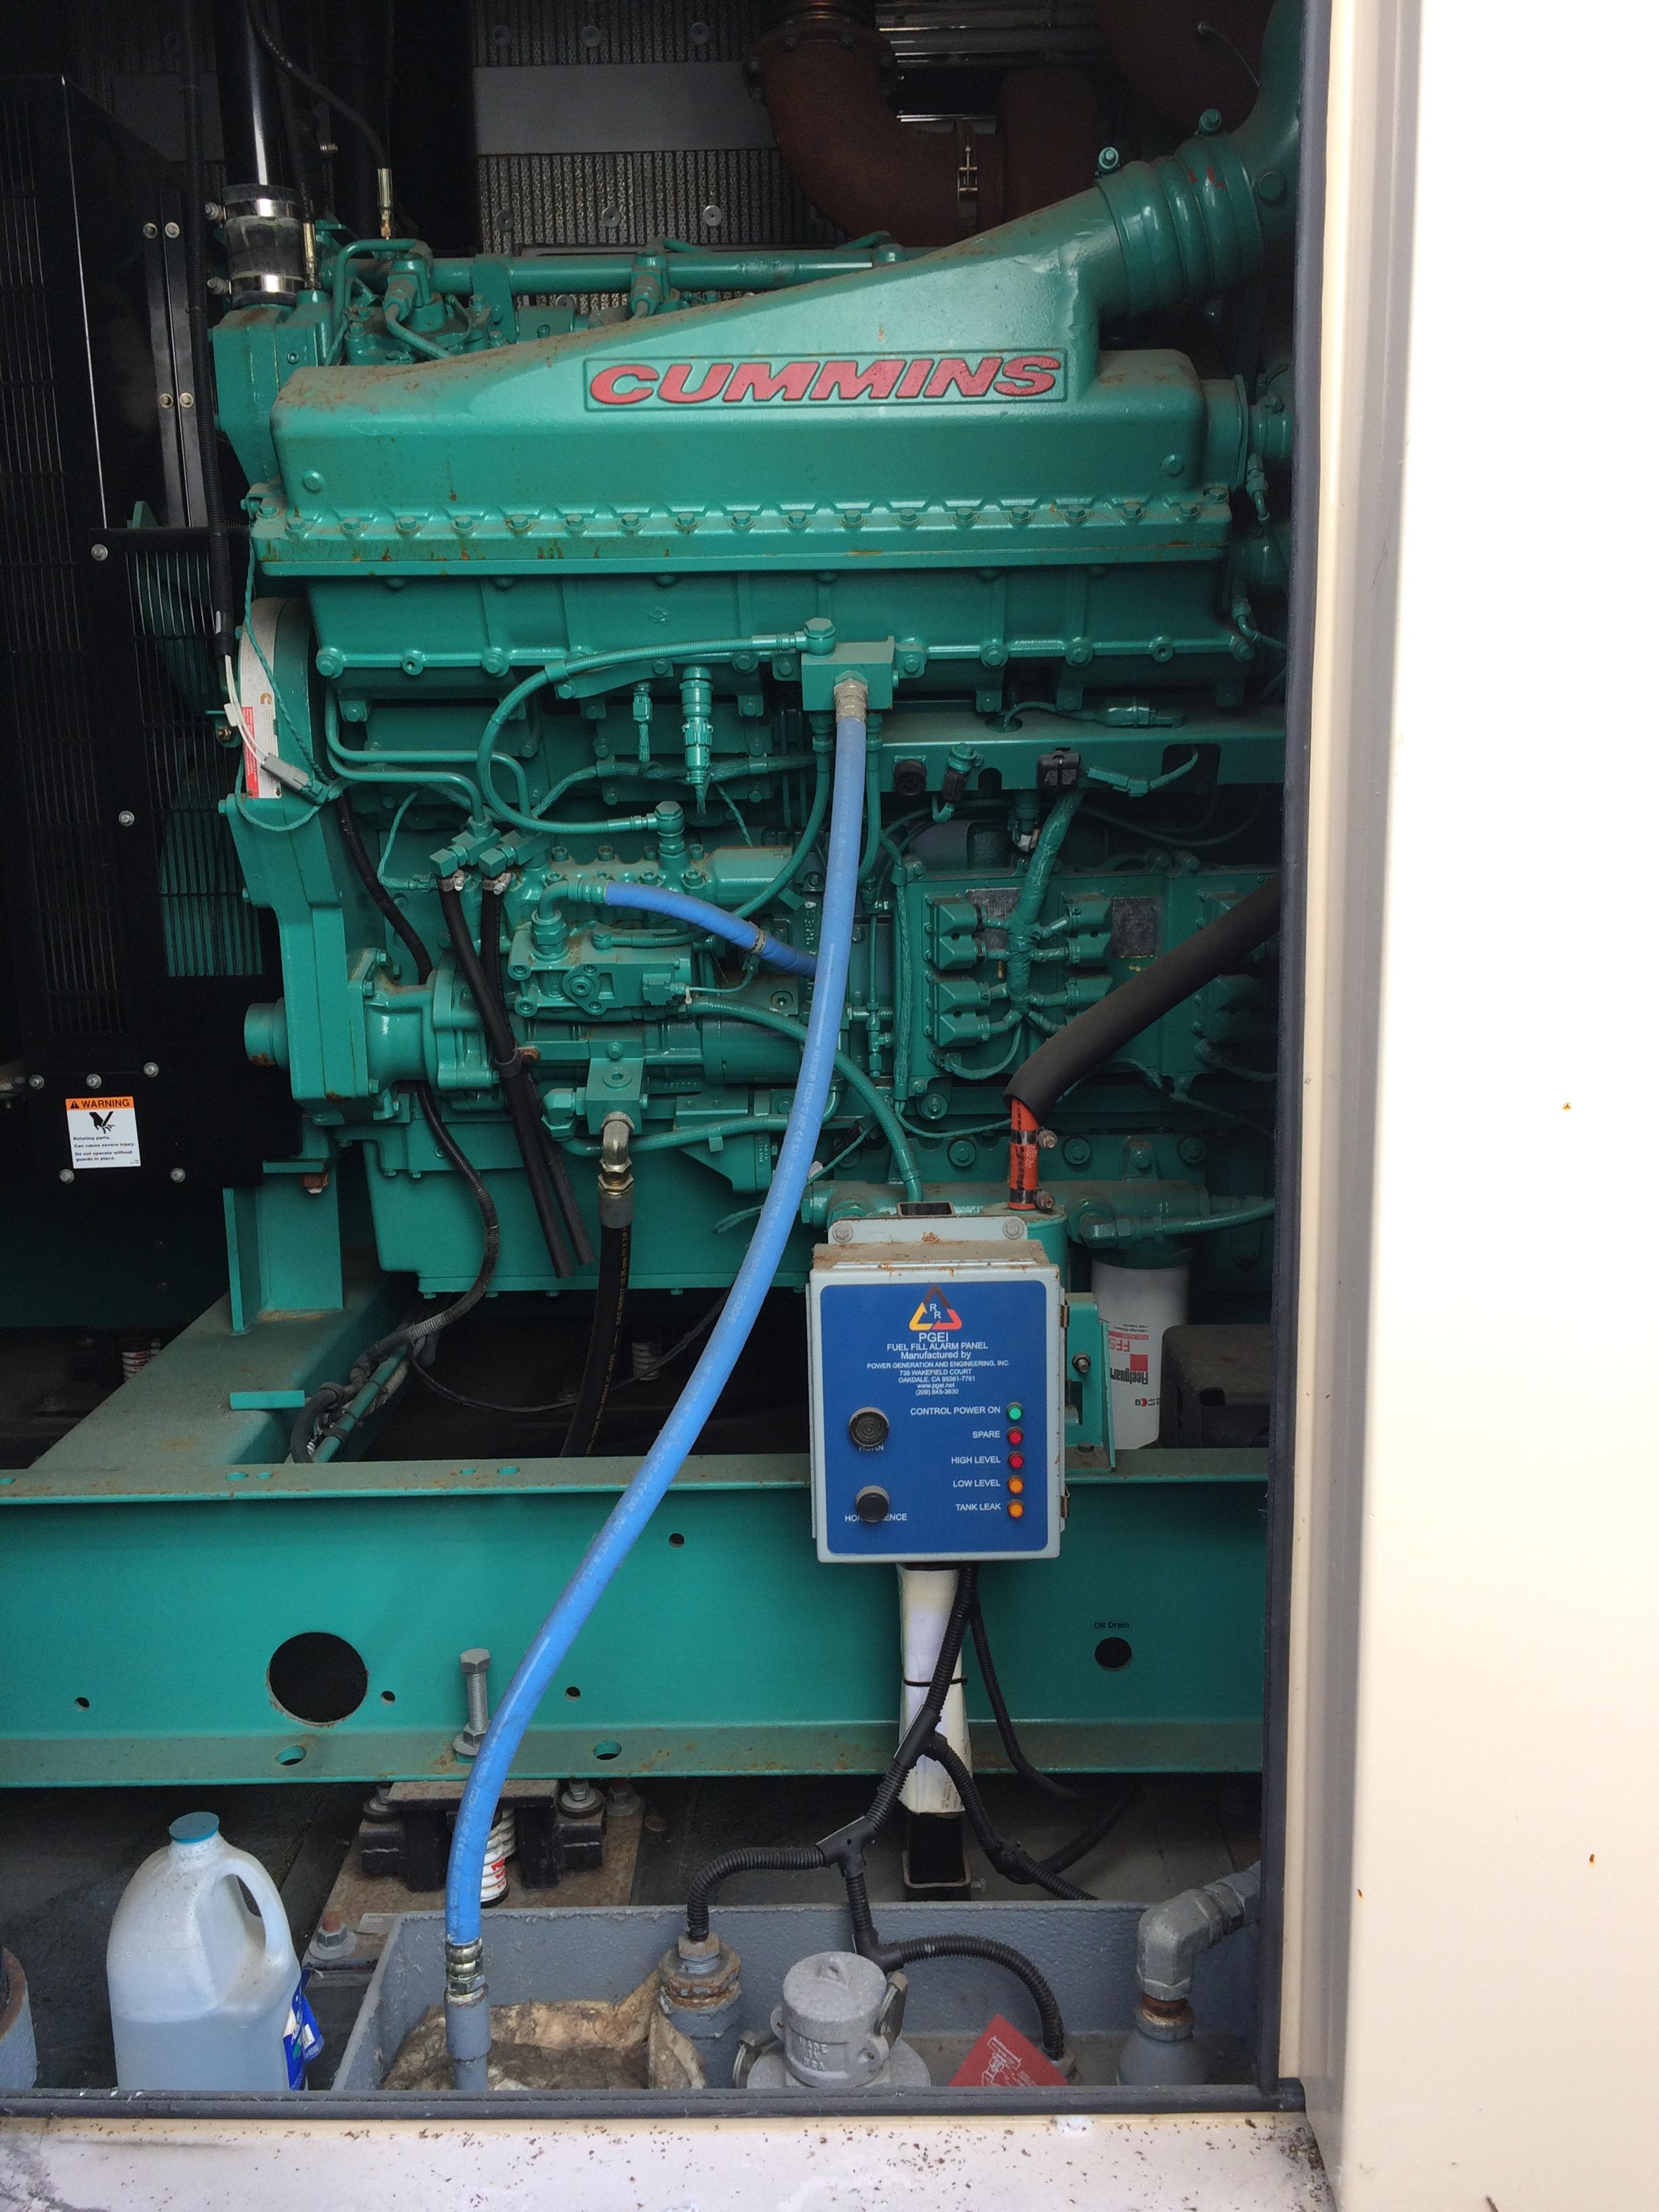 Used Cummins QSKTA50 GE Diesel Generator 72 Hrs EPA Tier 2